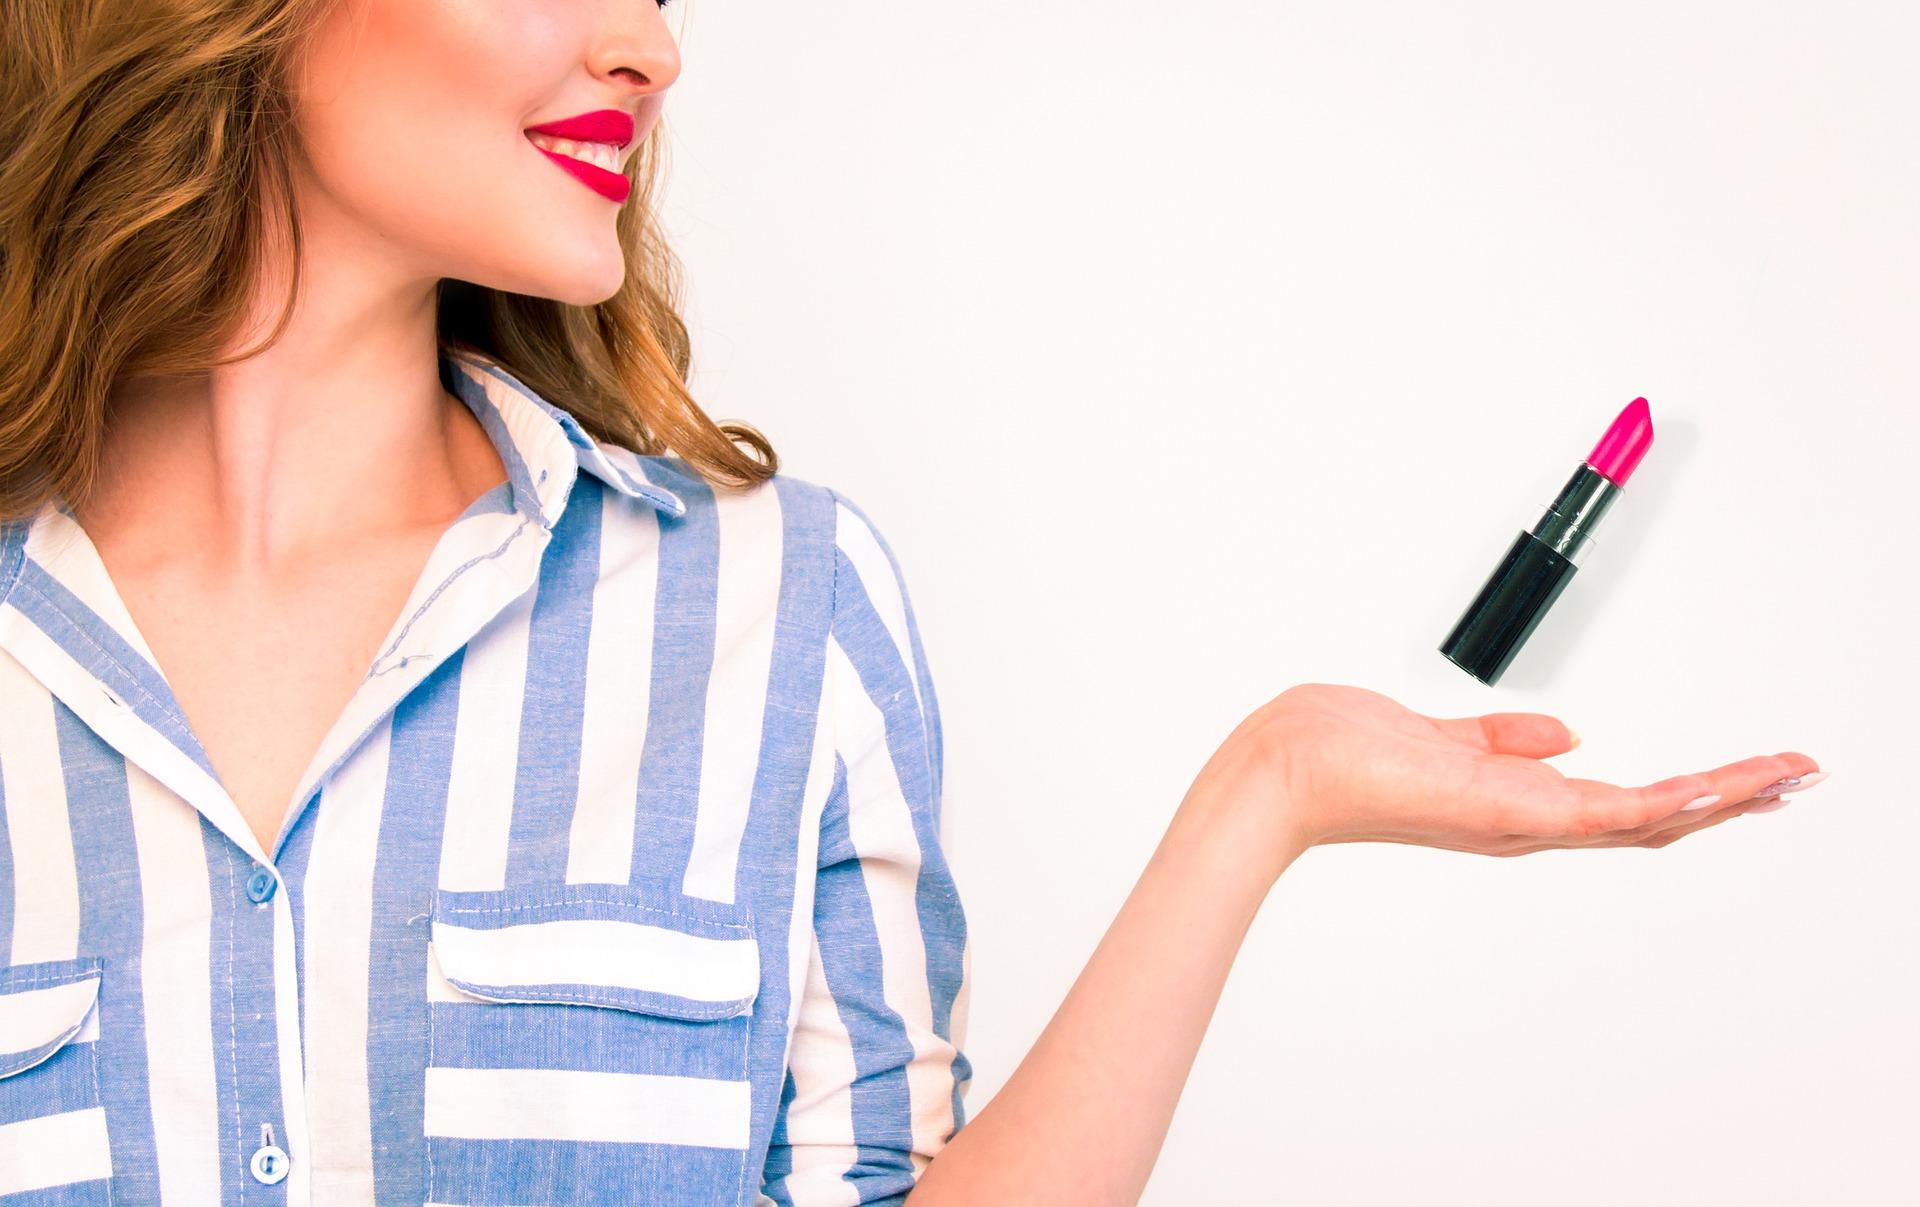 Gek op beauty en verzorging? Kies voor een baan in de beautybranche